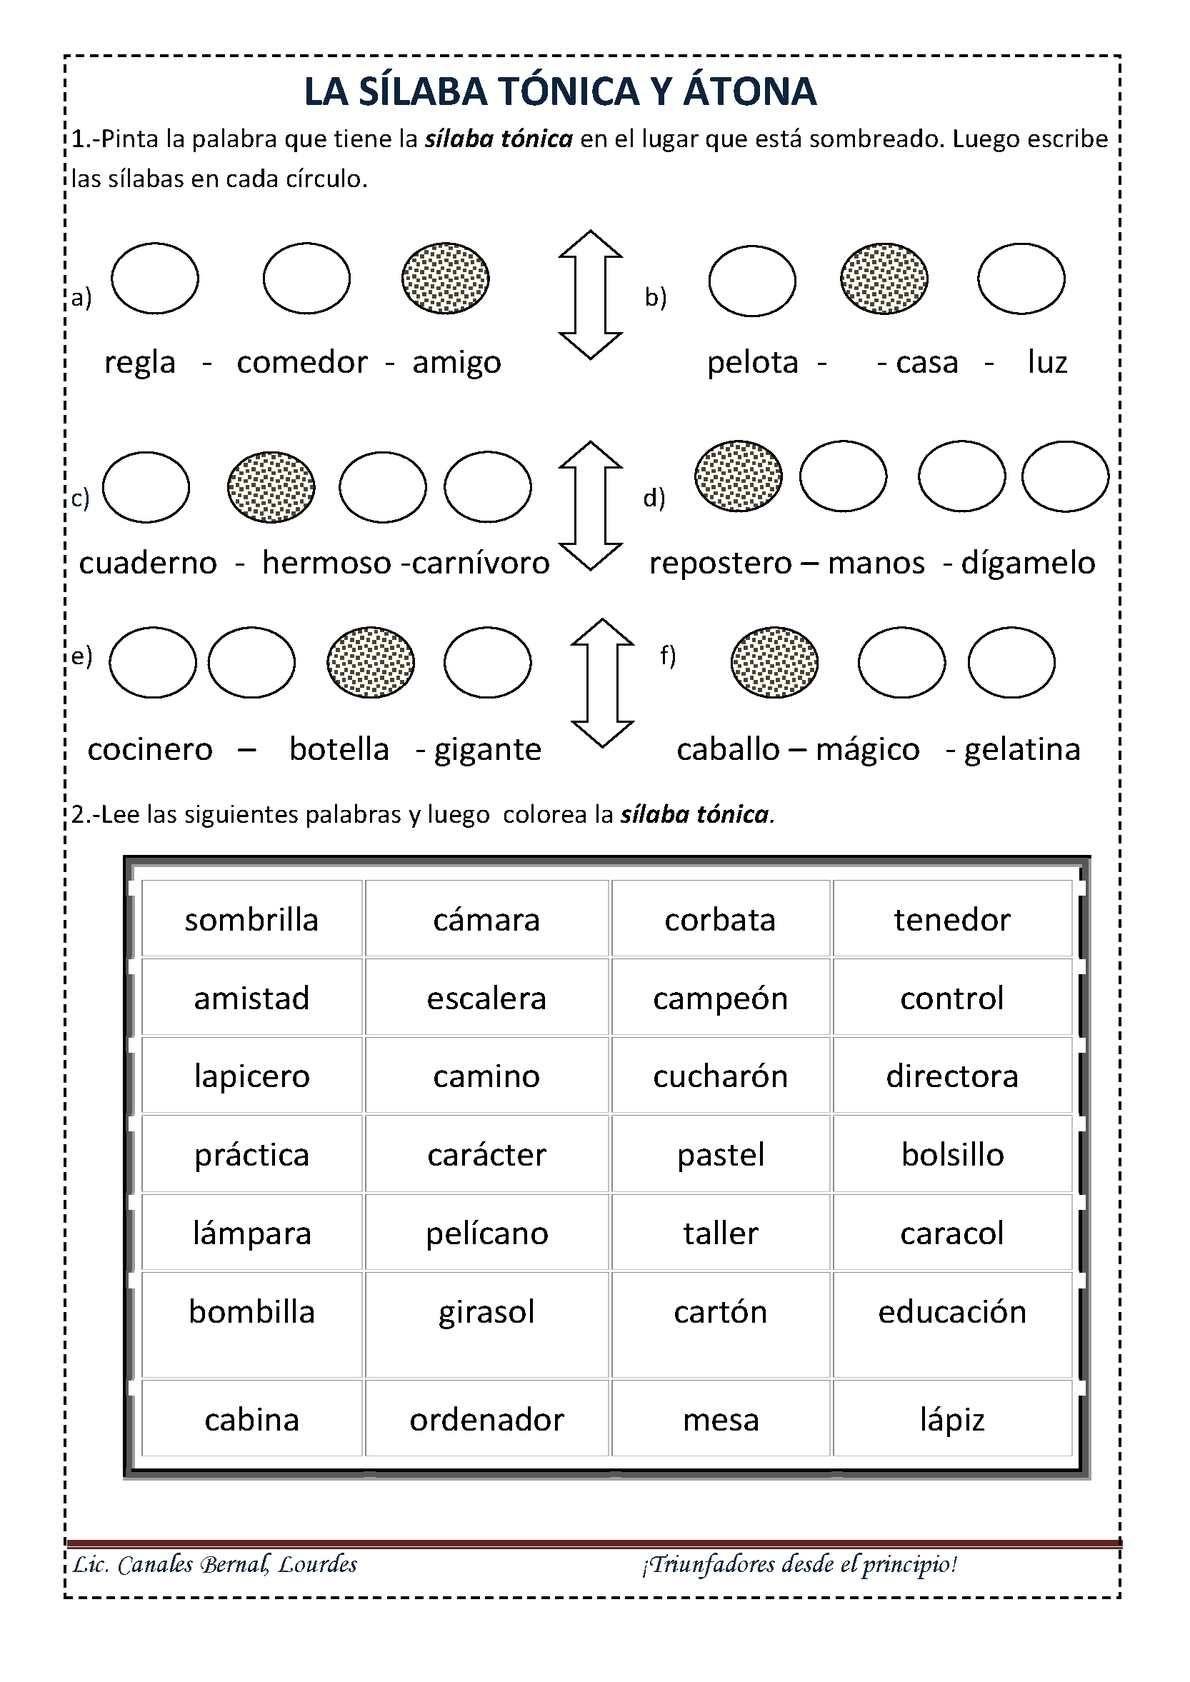 Clases De Sílabas Tónicas Y átonas Silabas Tonicas Y Atonas Clases De Silabas Silabas Tonica